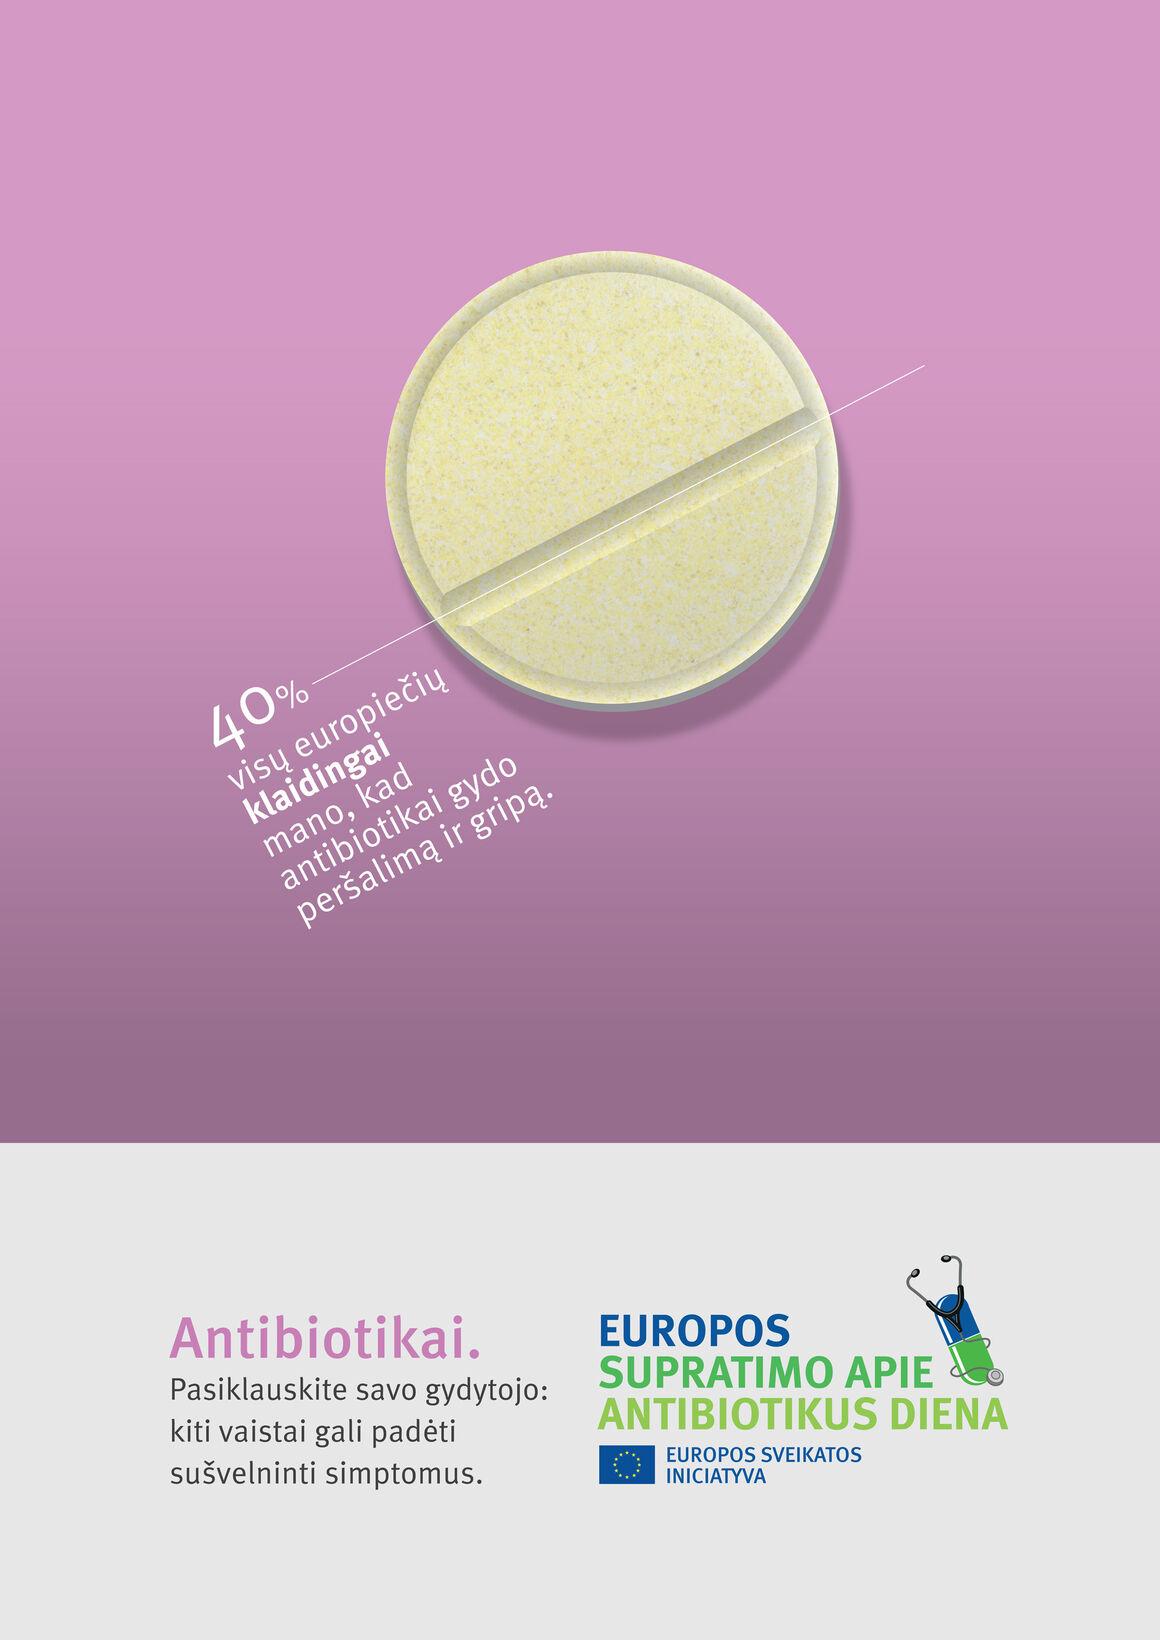 Plakatai: Antibiotikai. Pasiklauskite savo gydytojo:  kiti vaistai gali padėti  sušvelninti simptomus.